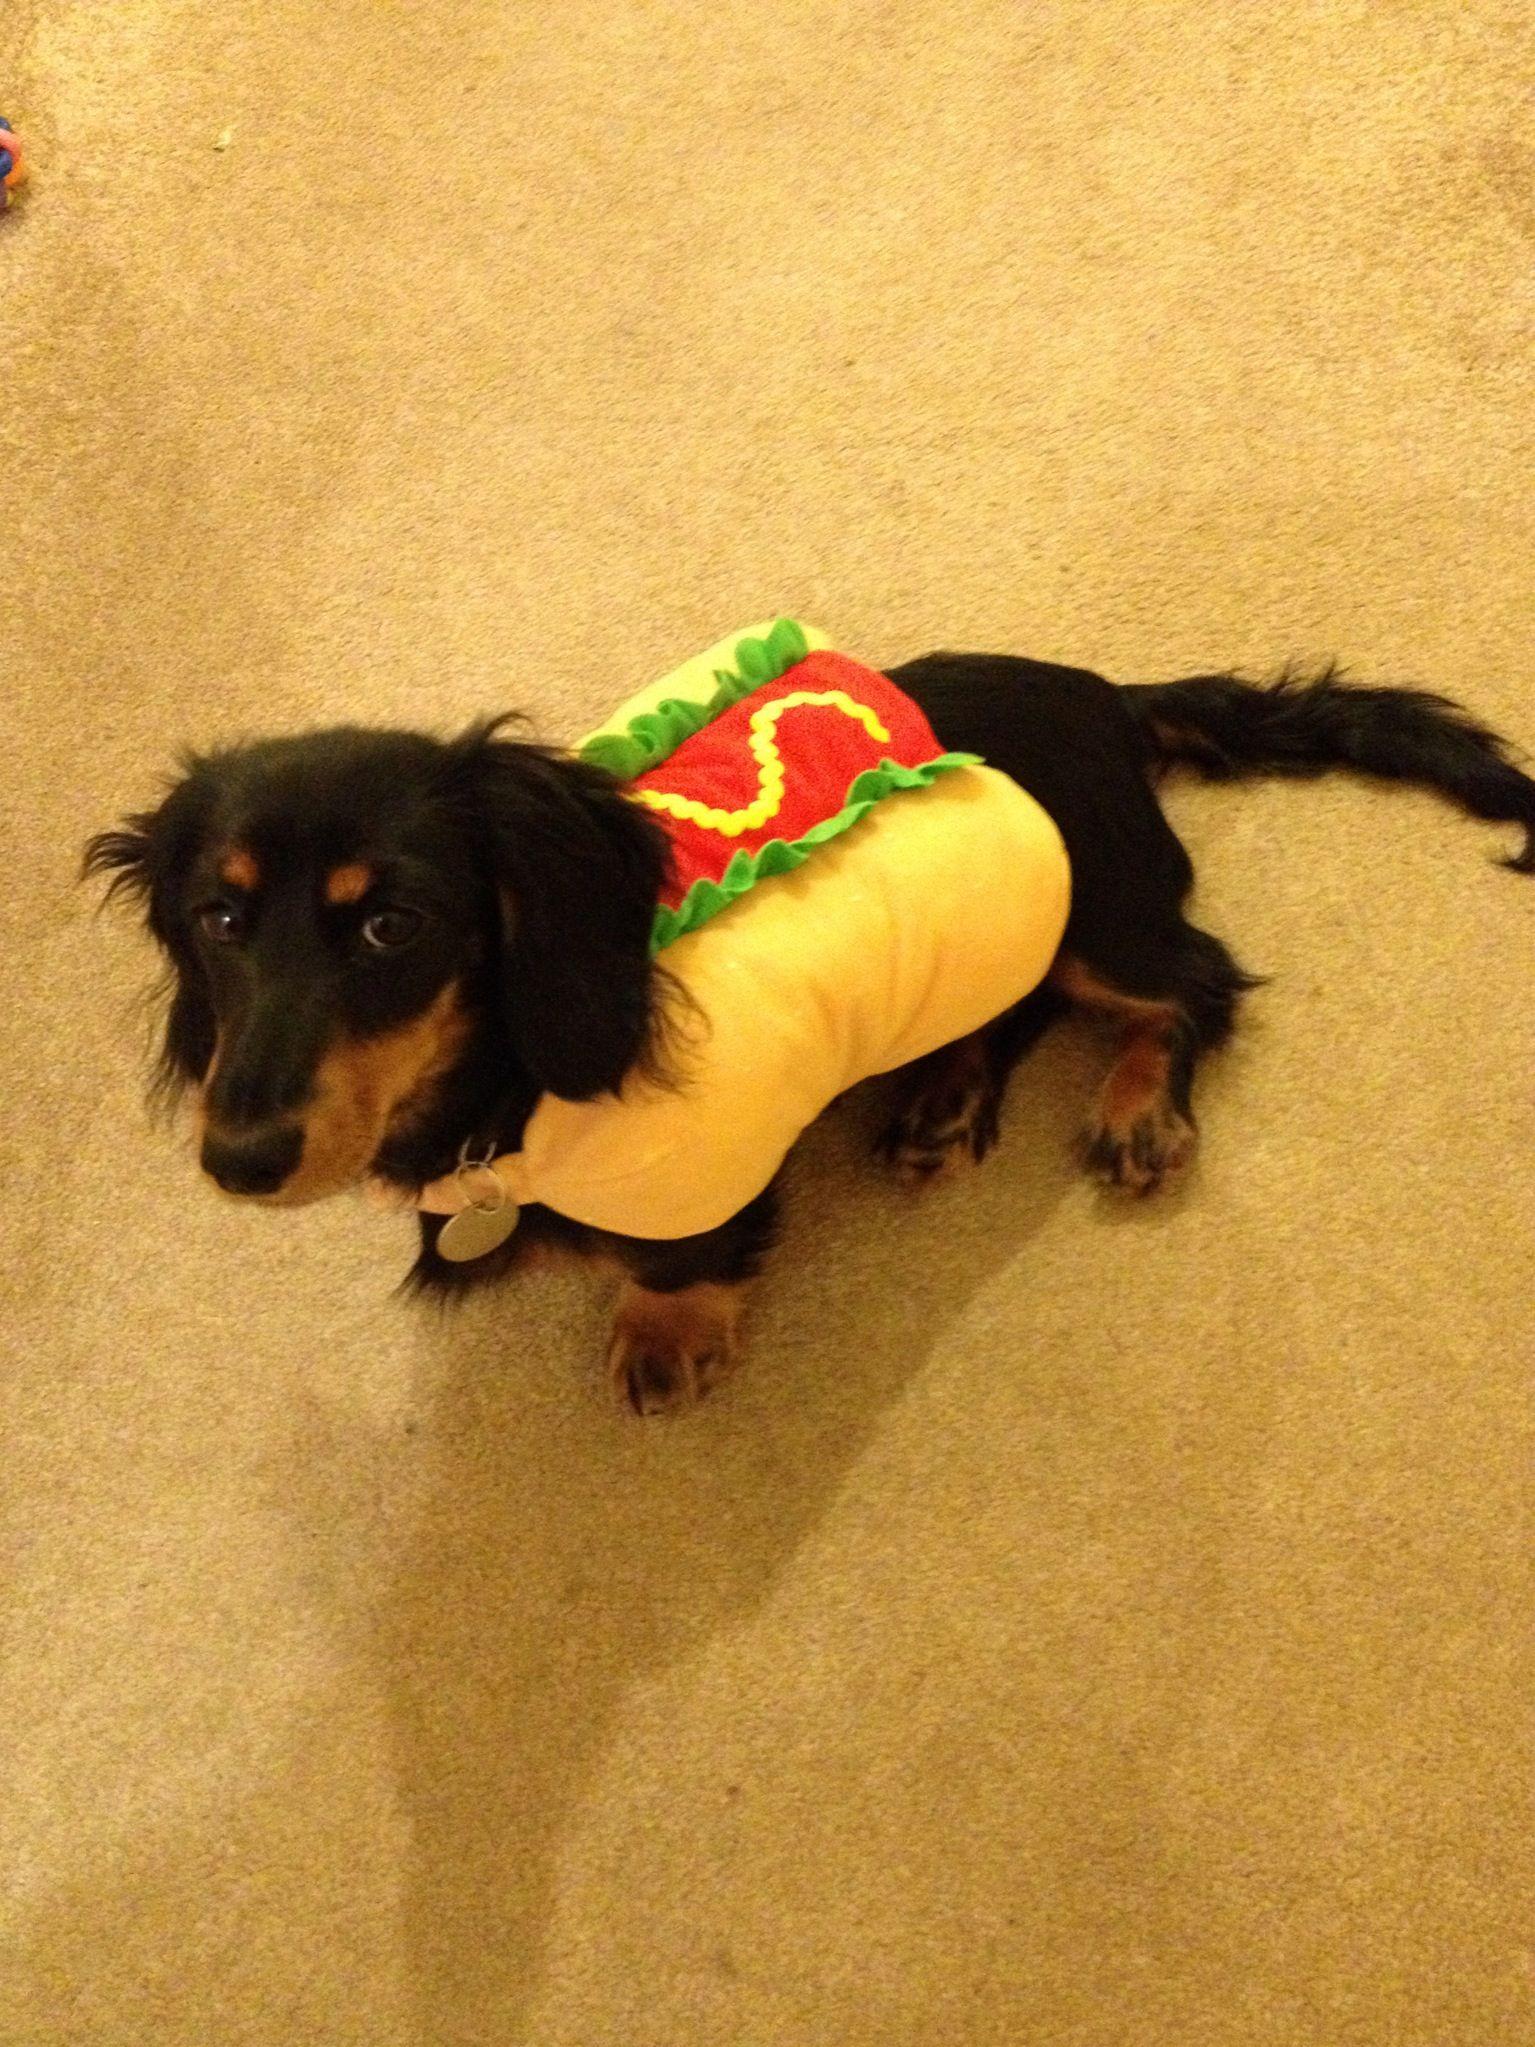 Hot Dog Dachshund Sausagedog Sausage Dog Dog Love Dogs